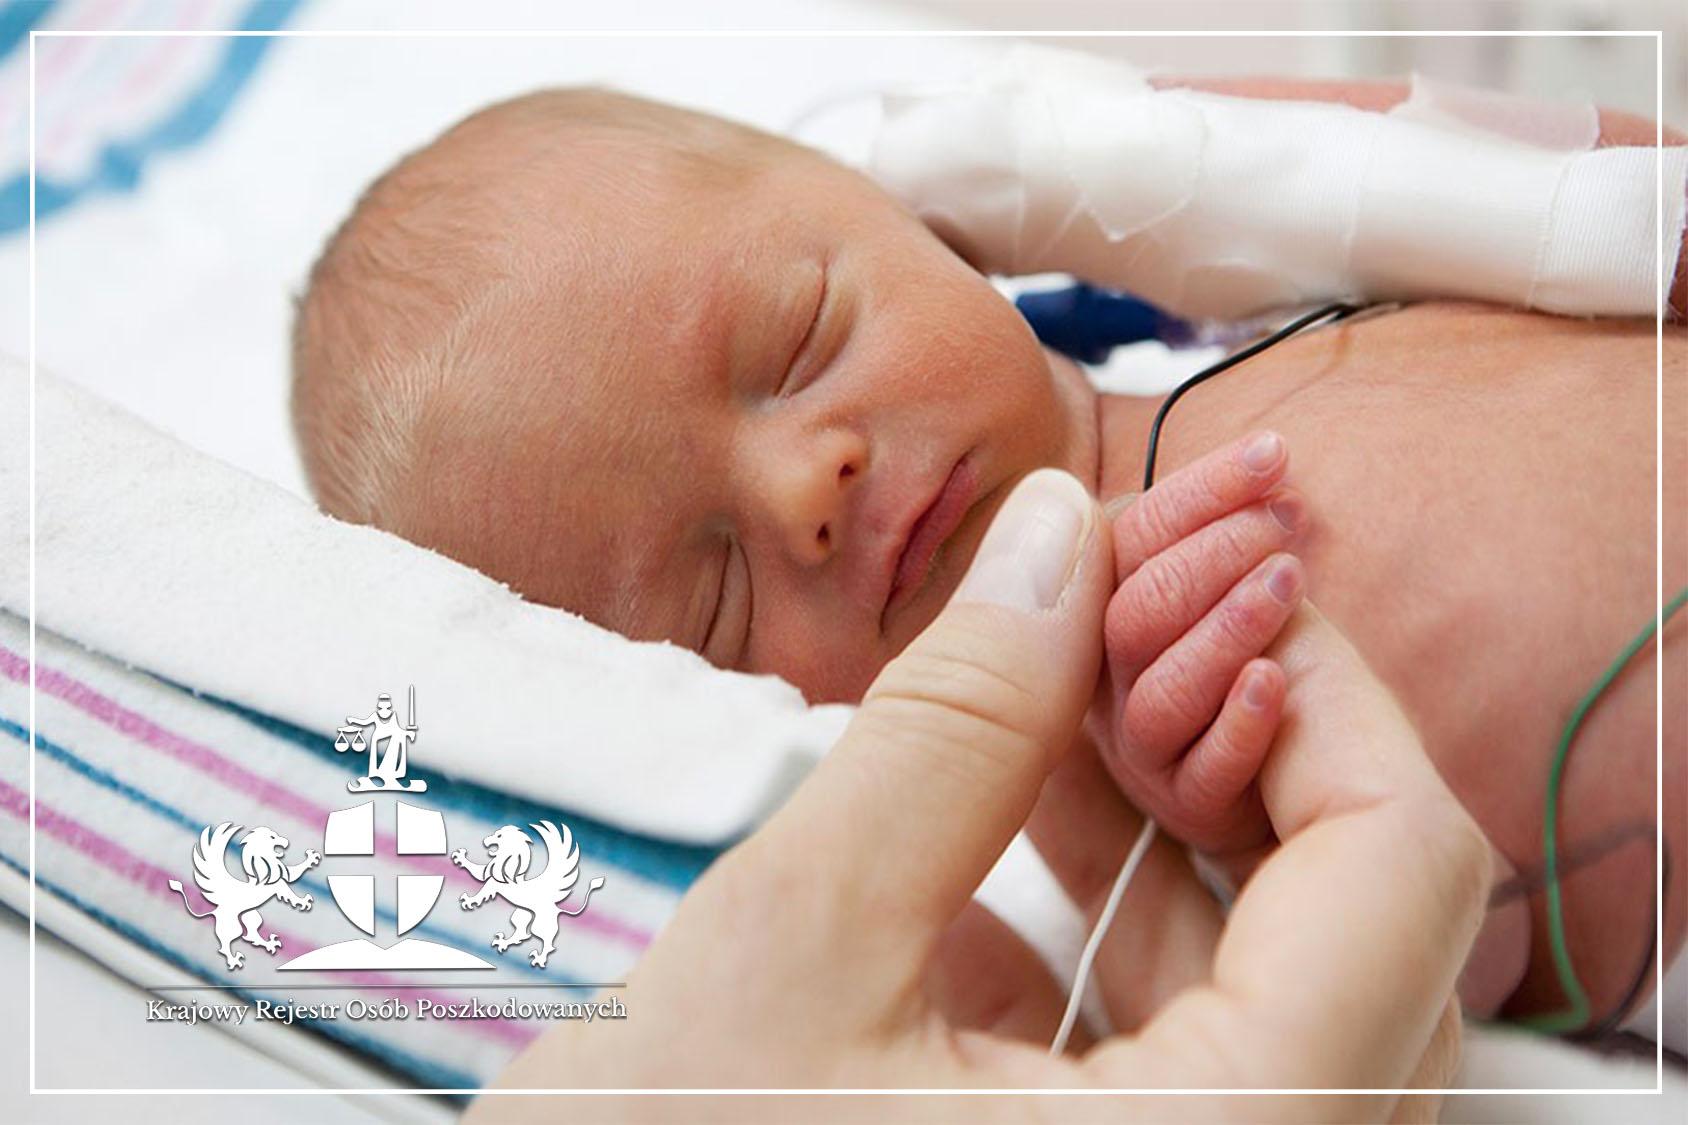 Błąd w sztuce lekarskiej przy porodzie